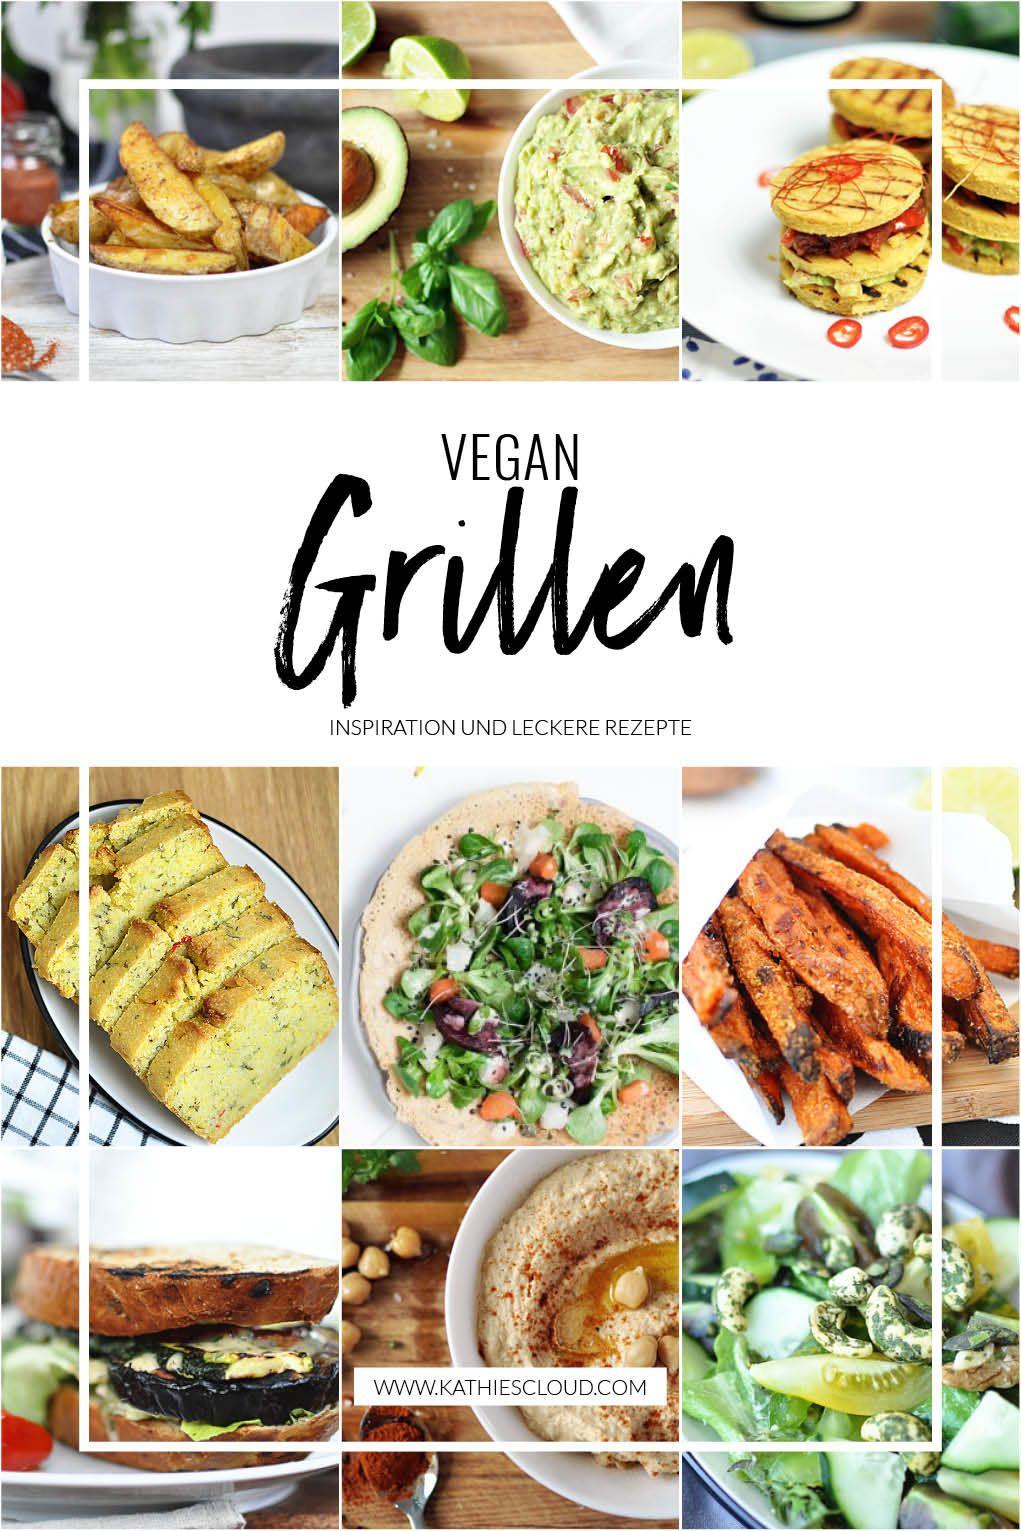 vegan grillen inspiration und leckere rezepte food ideen vegan grillen rezepte und. Black Bedroom Furniture Sets. Home Design Ideas